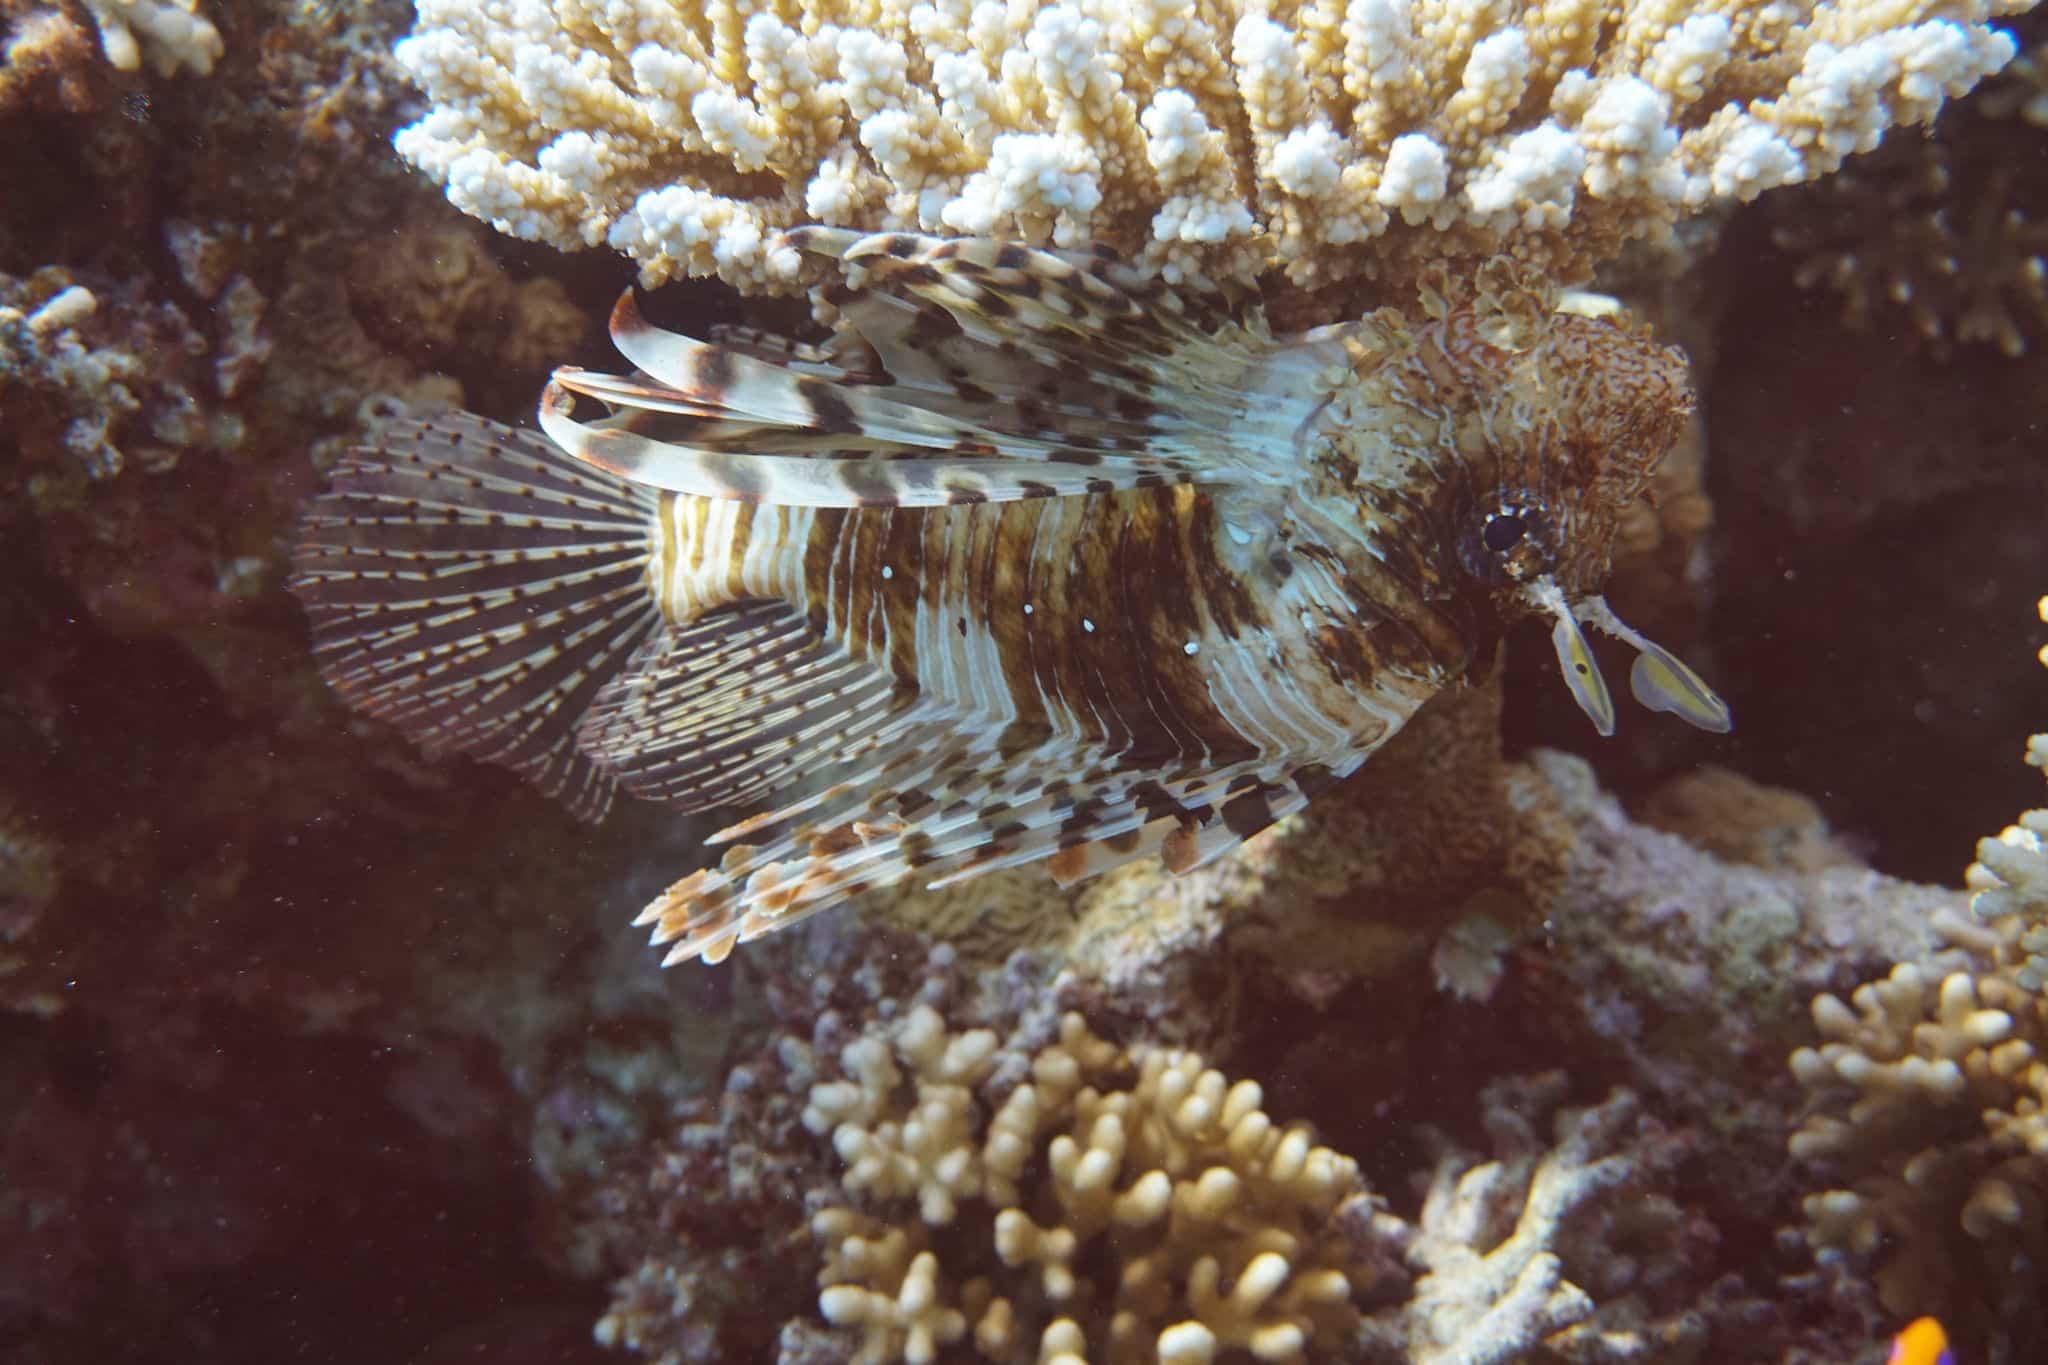 sharm el sheik reise urlaub tipps cleopatra luxury resort vip diving college tauchen ORG DSC01355 Reisebericht Sharm El Sheikh: Tipps zu Sehenswürdigkeiten und Aktivitäten